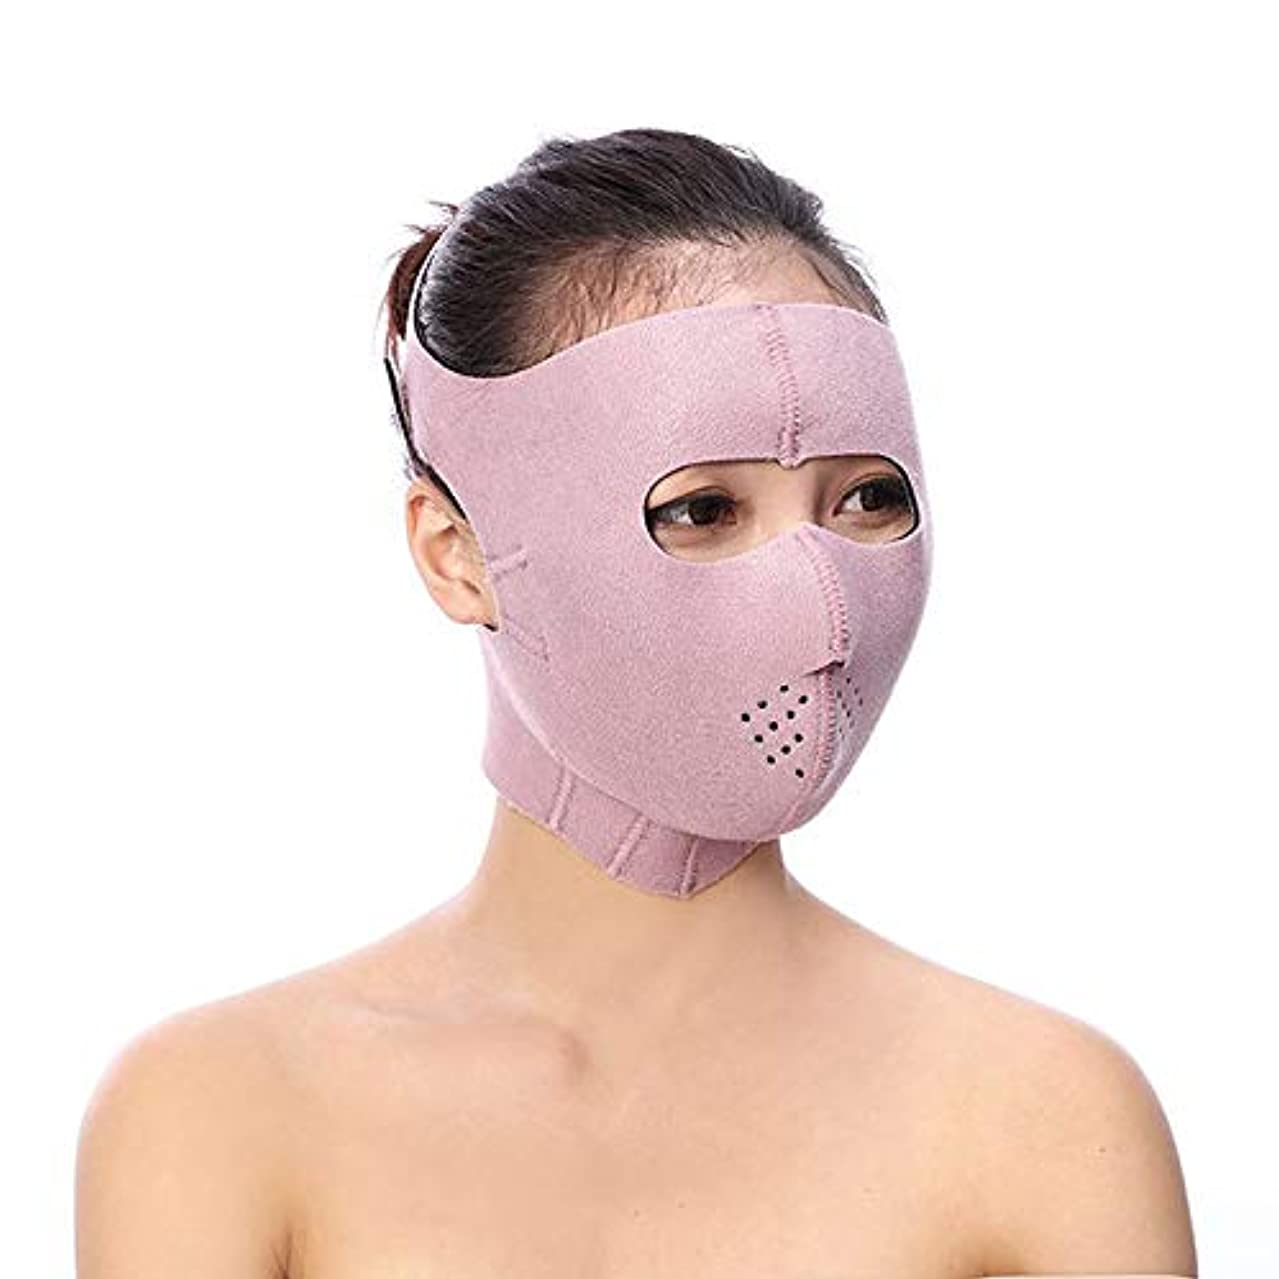 補正チャーター賃金GYZ フェイシャルリフティング痩身ベルト - Vフェイス包帯マスクフェイシャルマッサージャー無料の薄いフェイス包帯整形マスクを引き締める顔と首の顔スリム Thin Face Belt